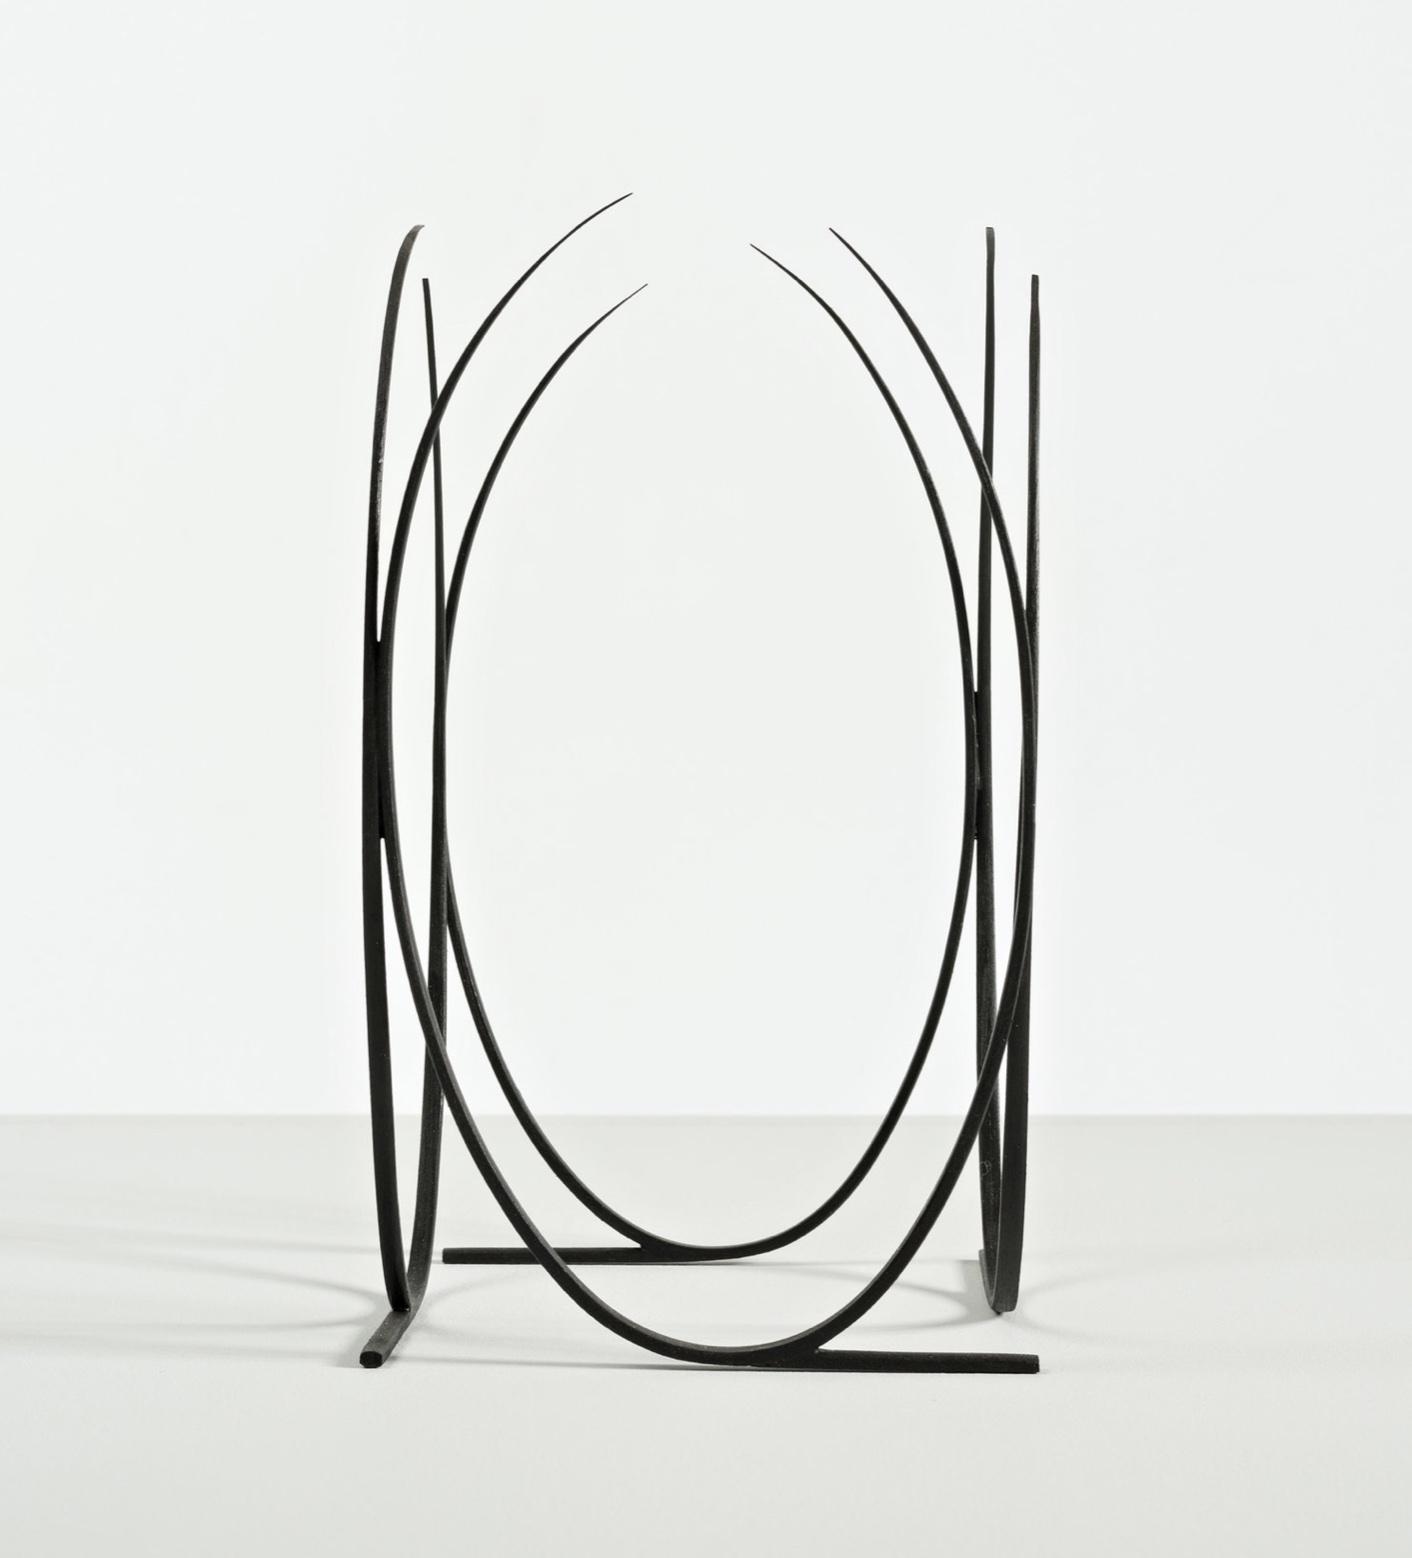 Broken Ovals by artist Christopher Kurtz